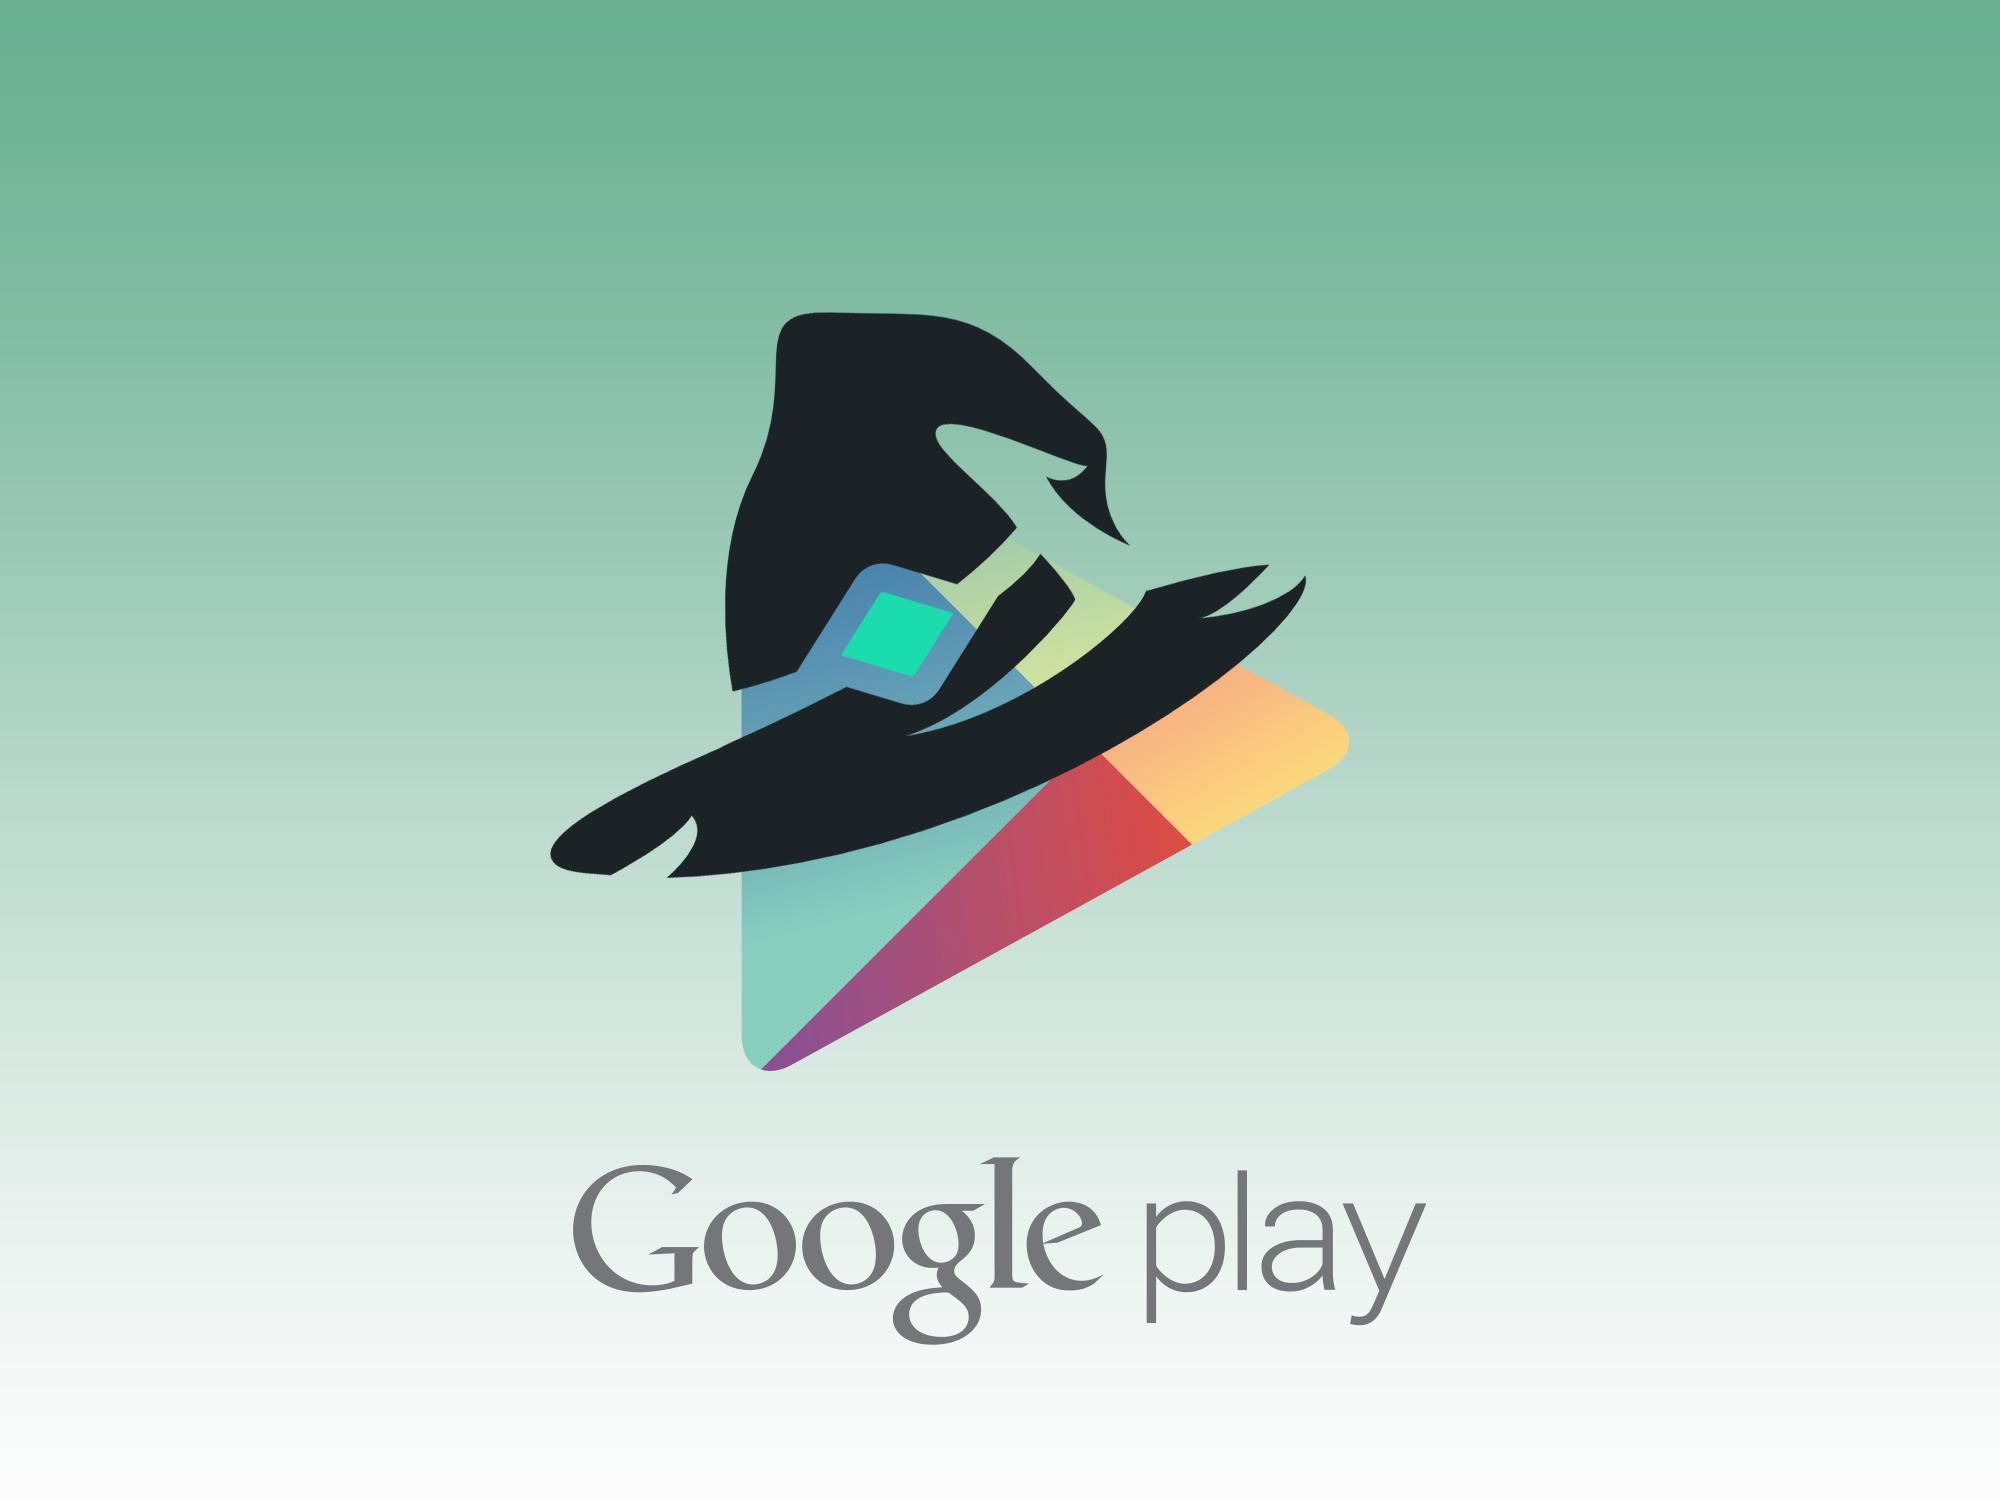 Jak Doladowac Portfel Google Play Przez Sms Gamehag